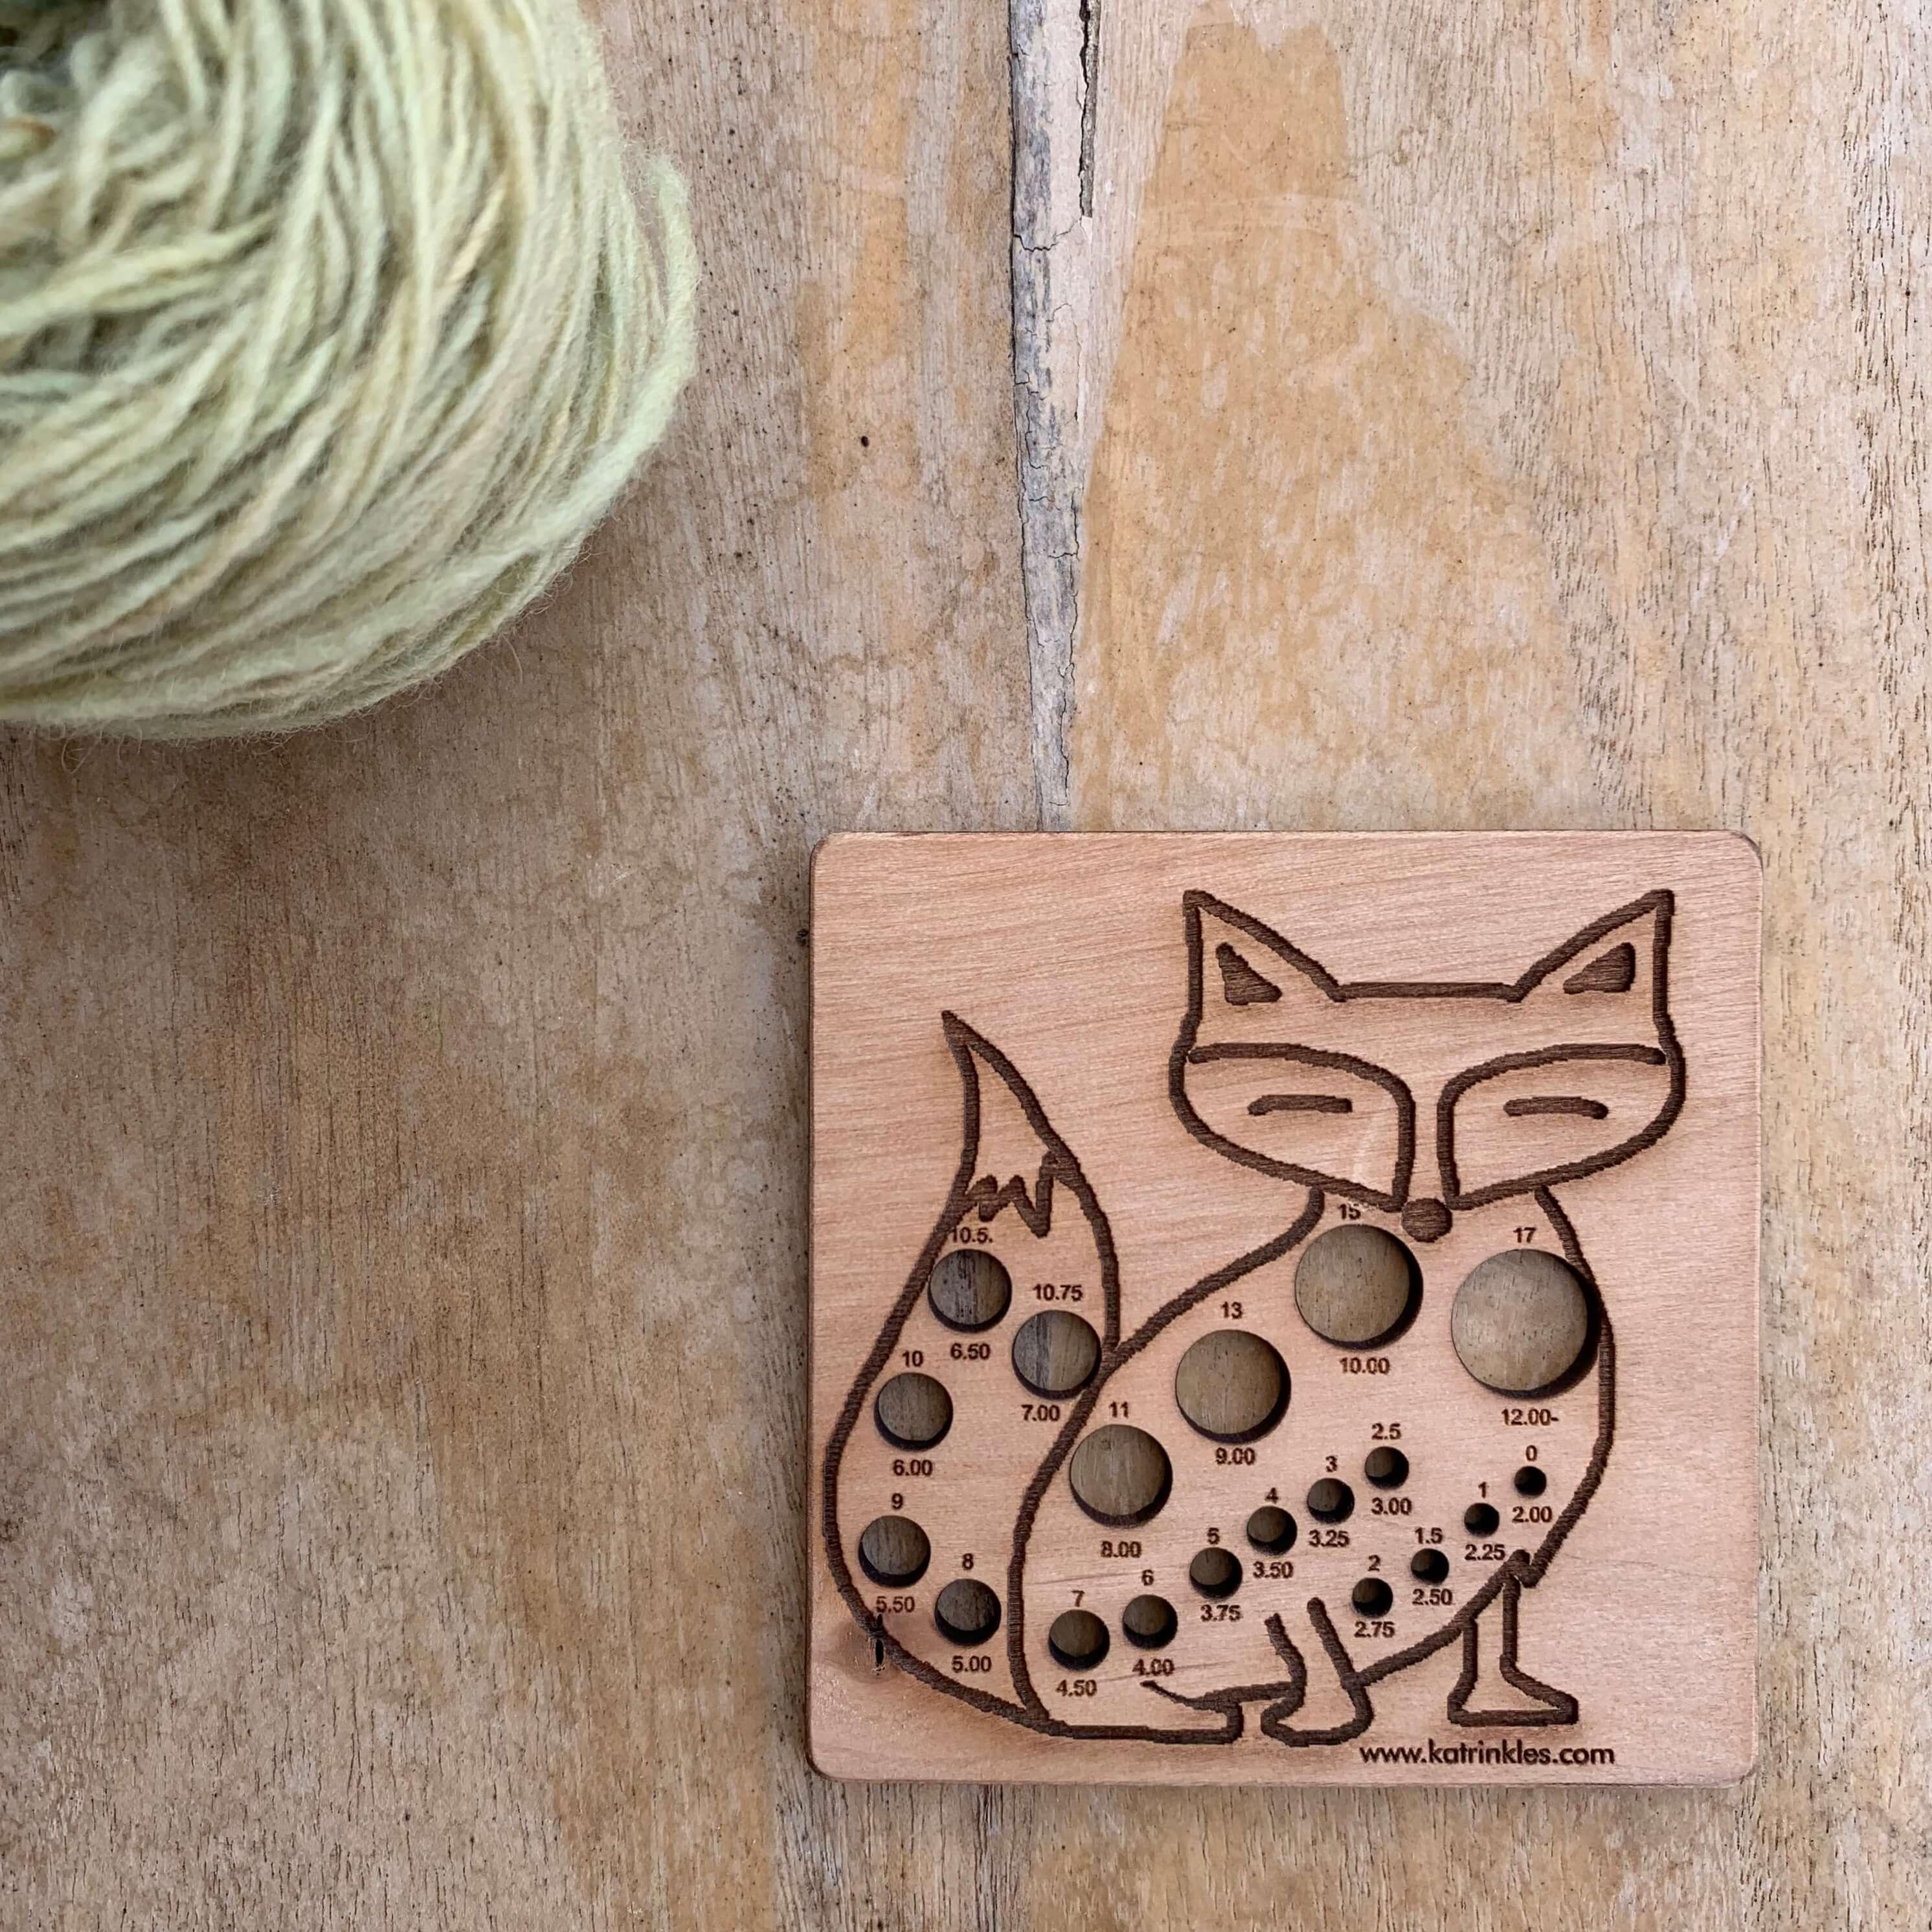 Fox Knitting Needle Gauge | Calibrador de Agulhas de Tricot